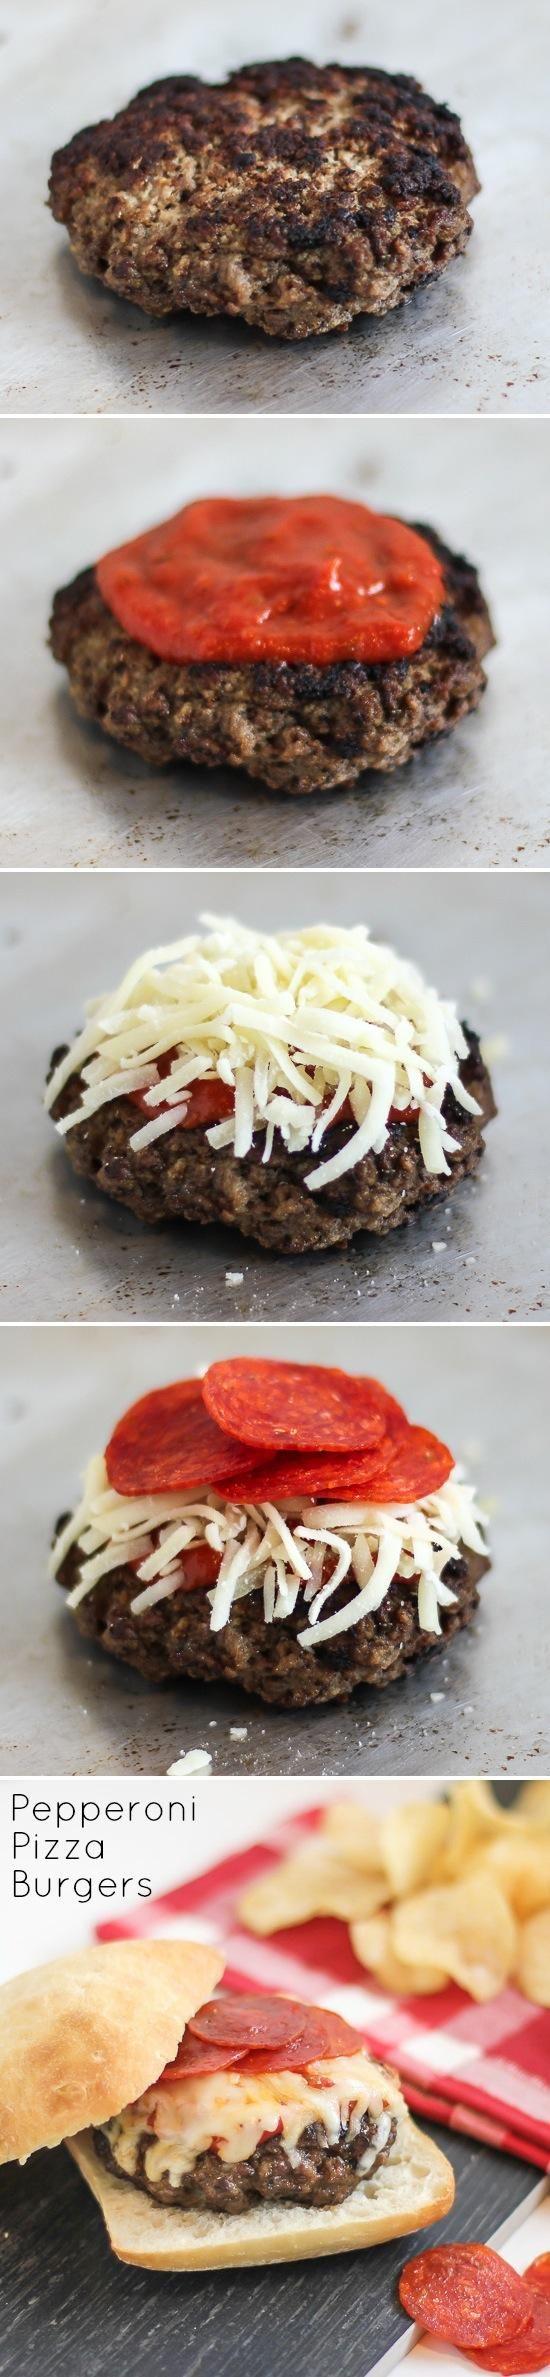 Pepperoni Pizza Burger - Joybx